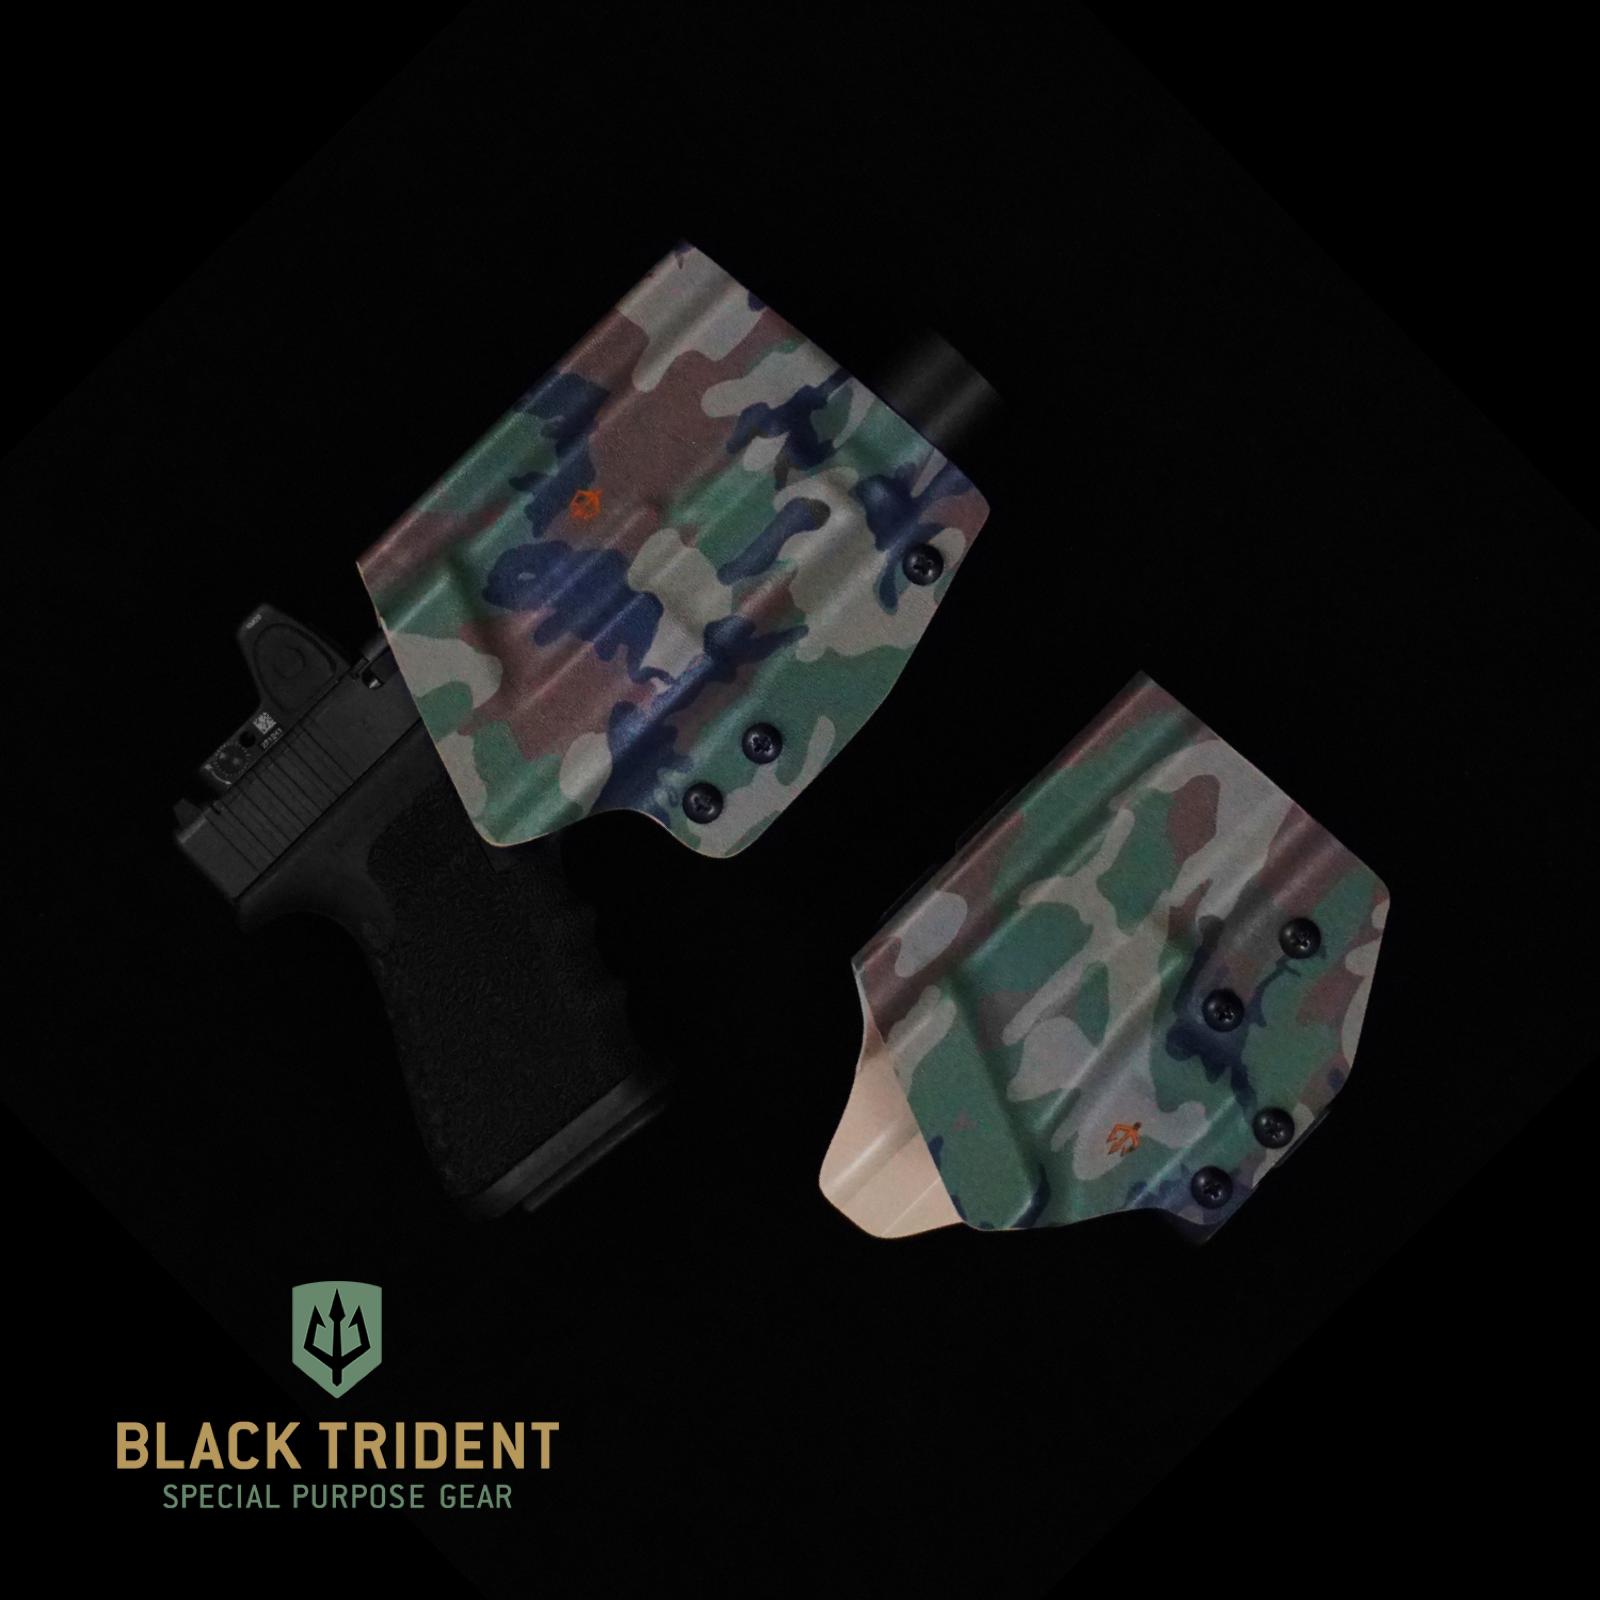 Thor OWB Custom Holster Series für Licht-/Lasermodule | von Black Trident